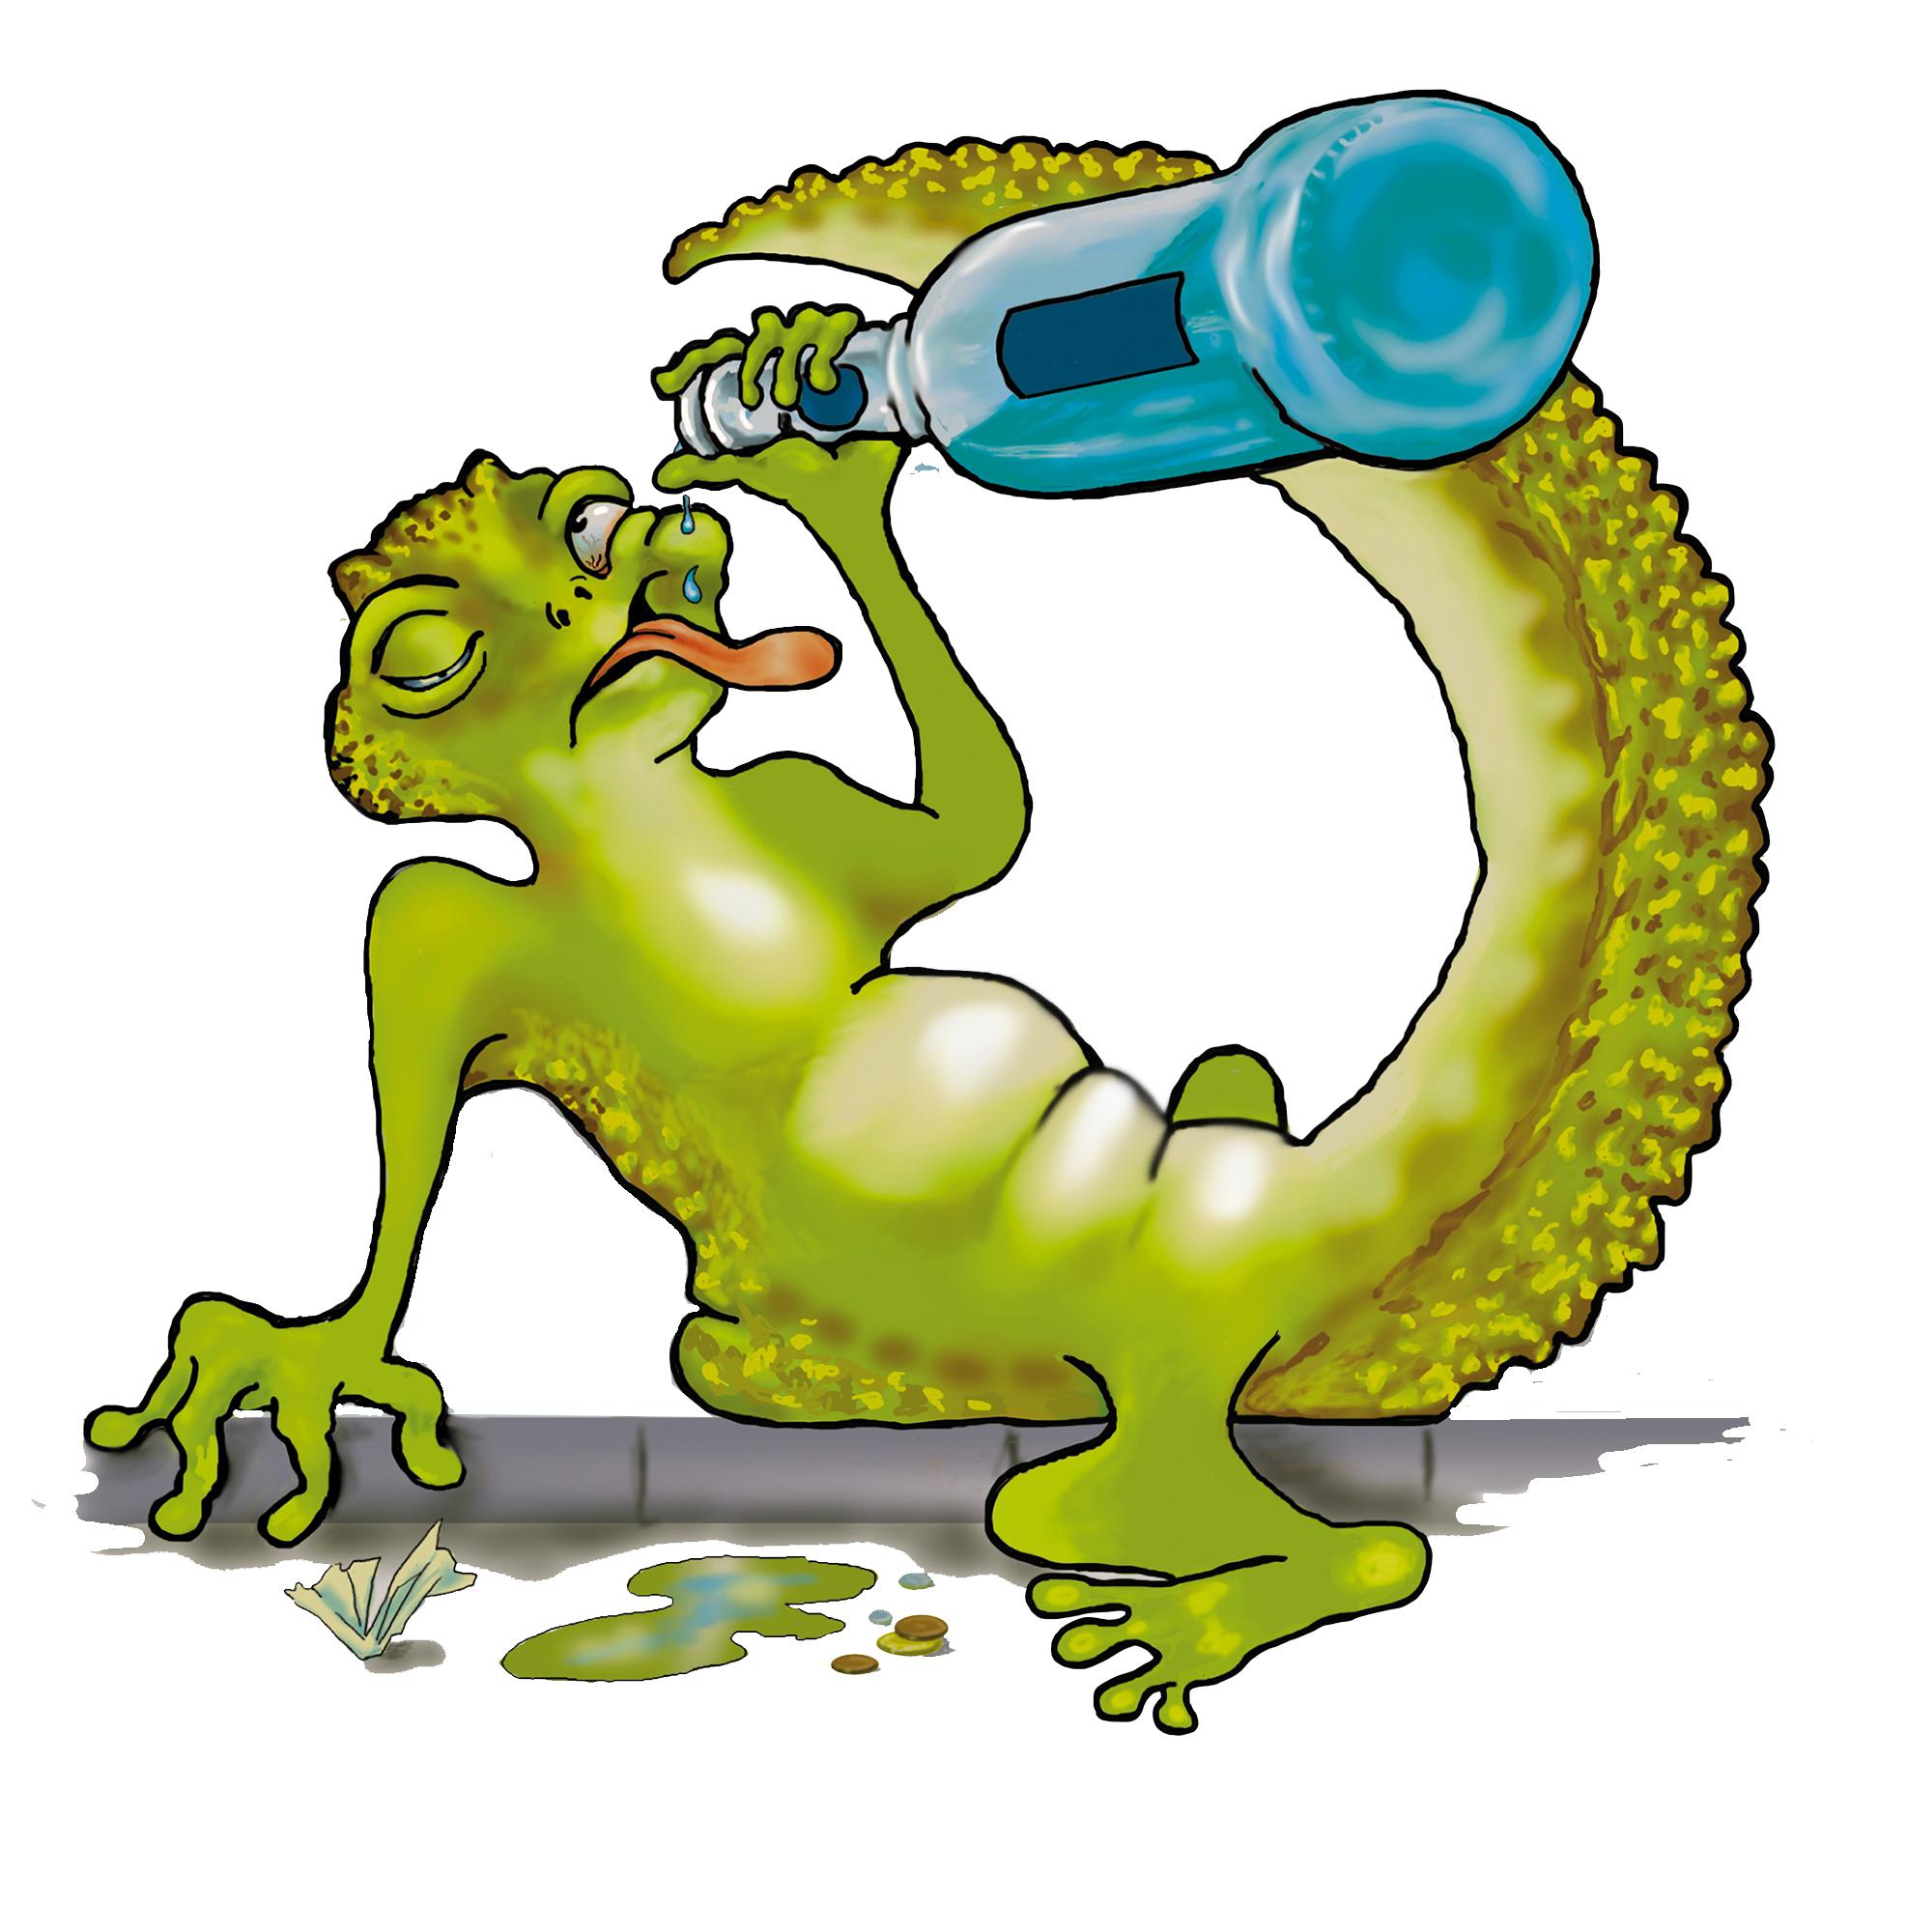 P***ed as a newt